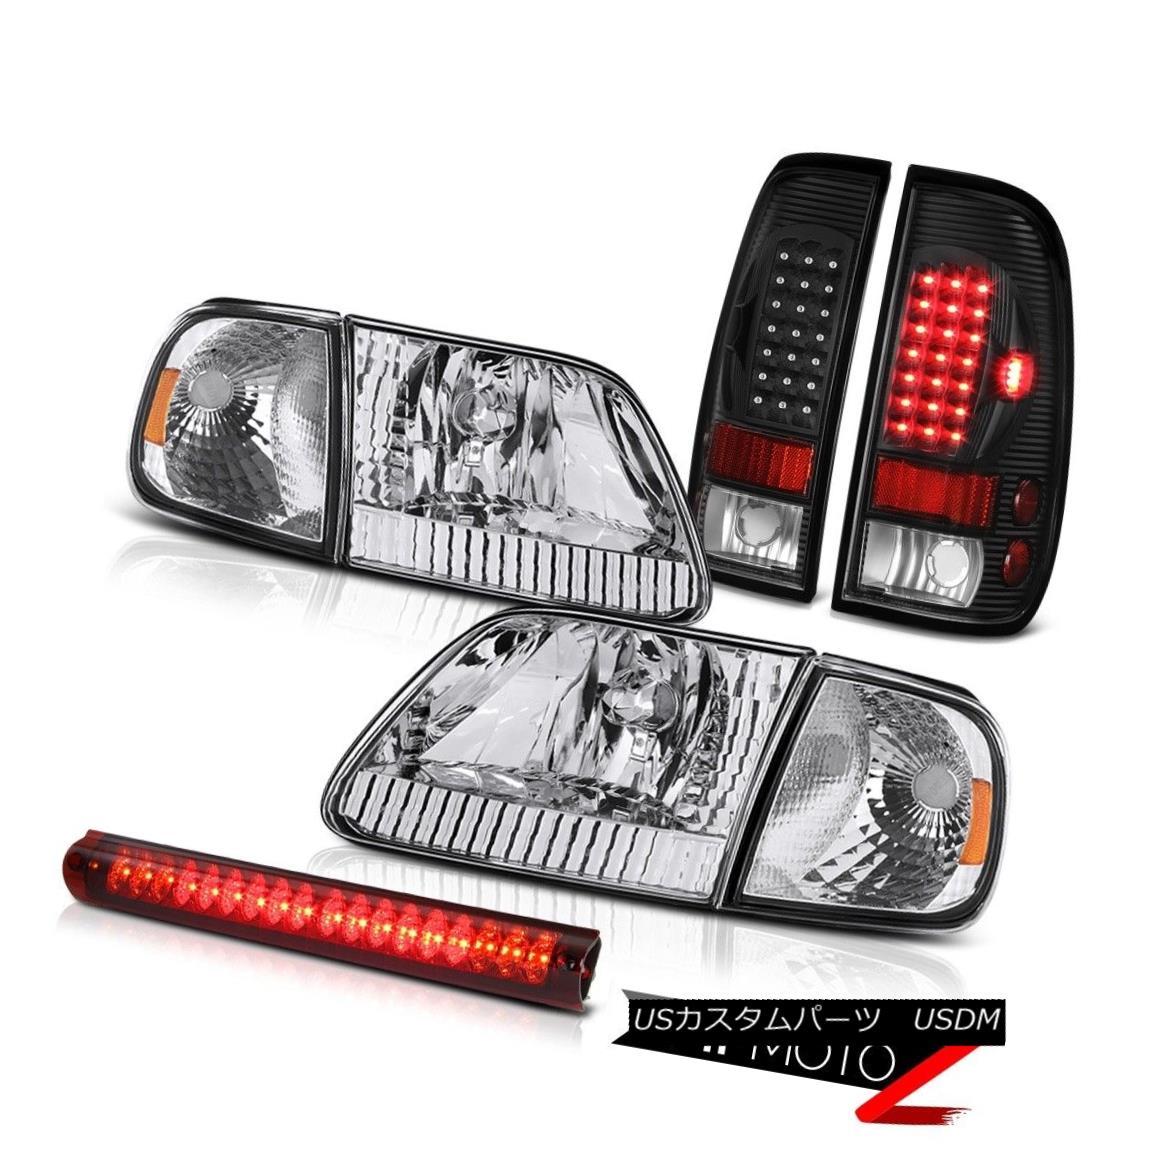 ヘッドライト Crystal Clear Headlamp Signal Black Brake Tail Lights Roof LED Red 97-03 F150 XL クリスタルクリアヘッドランプ信号ブラックブレーキテールライトルーフLEDレッド97-03 F150 XL